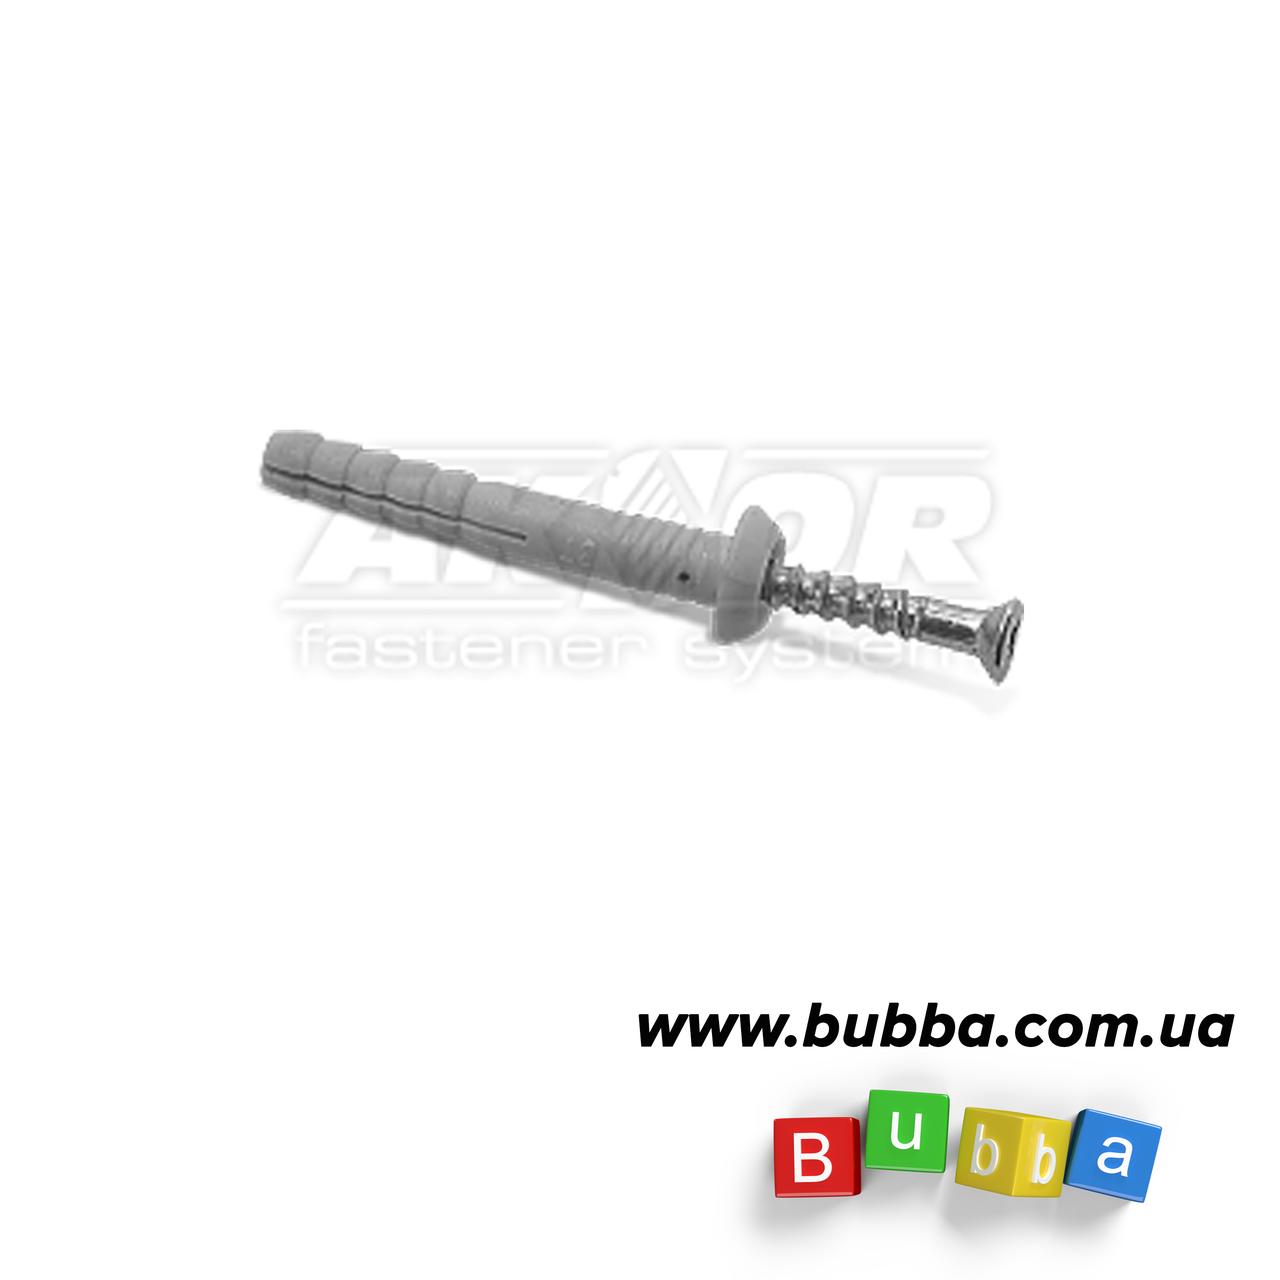 Дюбель с шурупом для быстрого монтажа 6*40 мм Полукруглый ворот